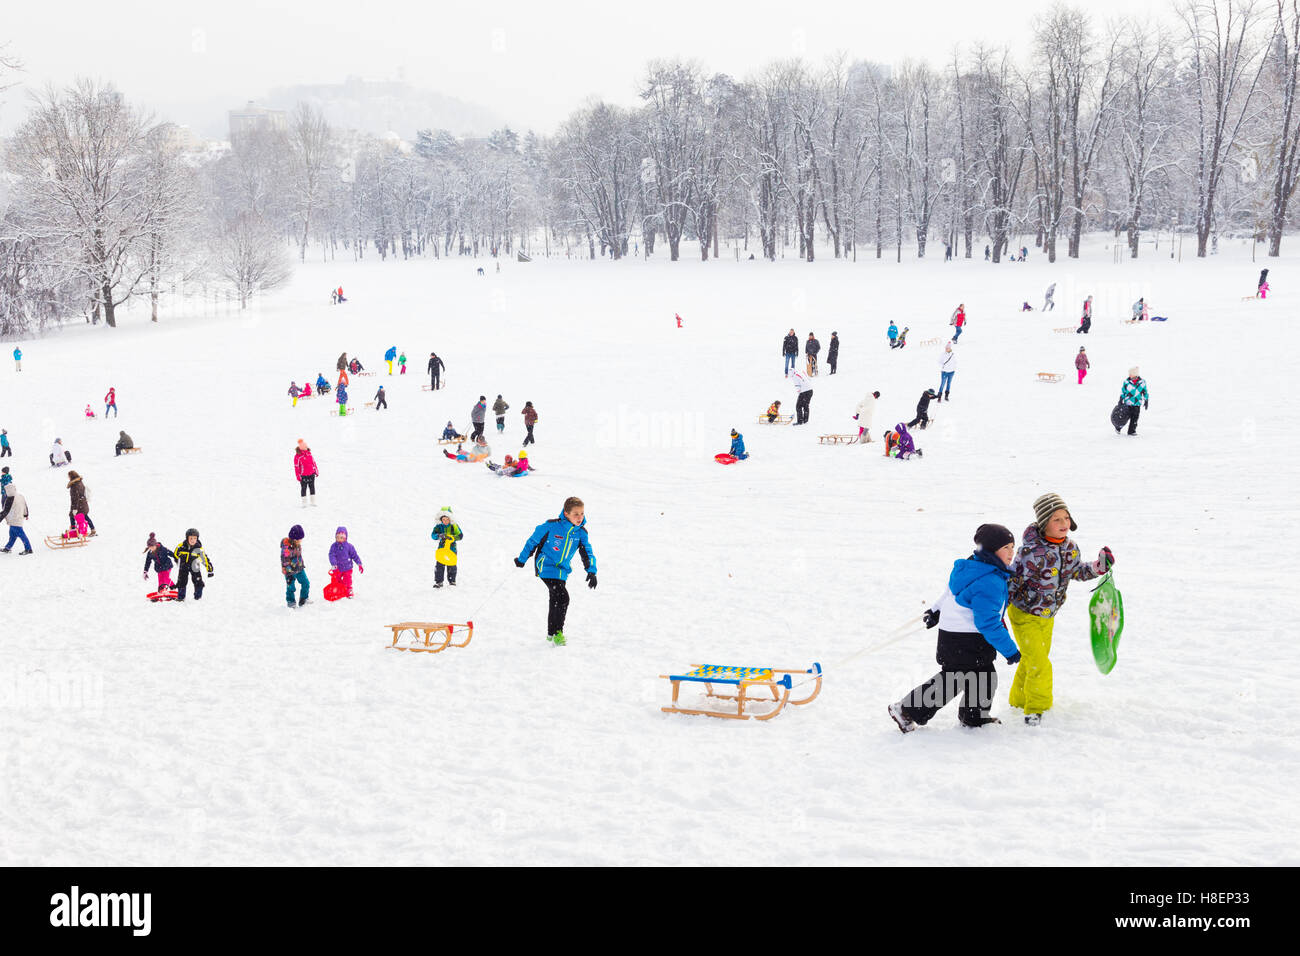 Divertimento invernale, neve, famiglia slittino in inverno. Immagini Stock